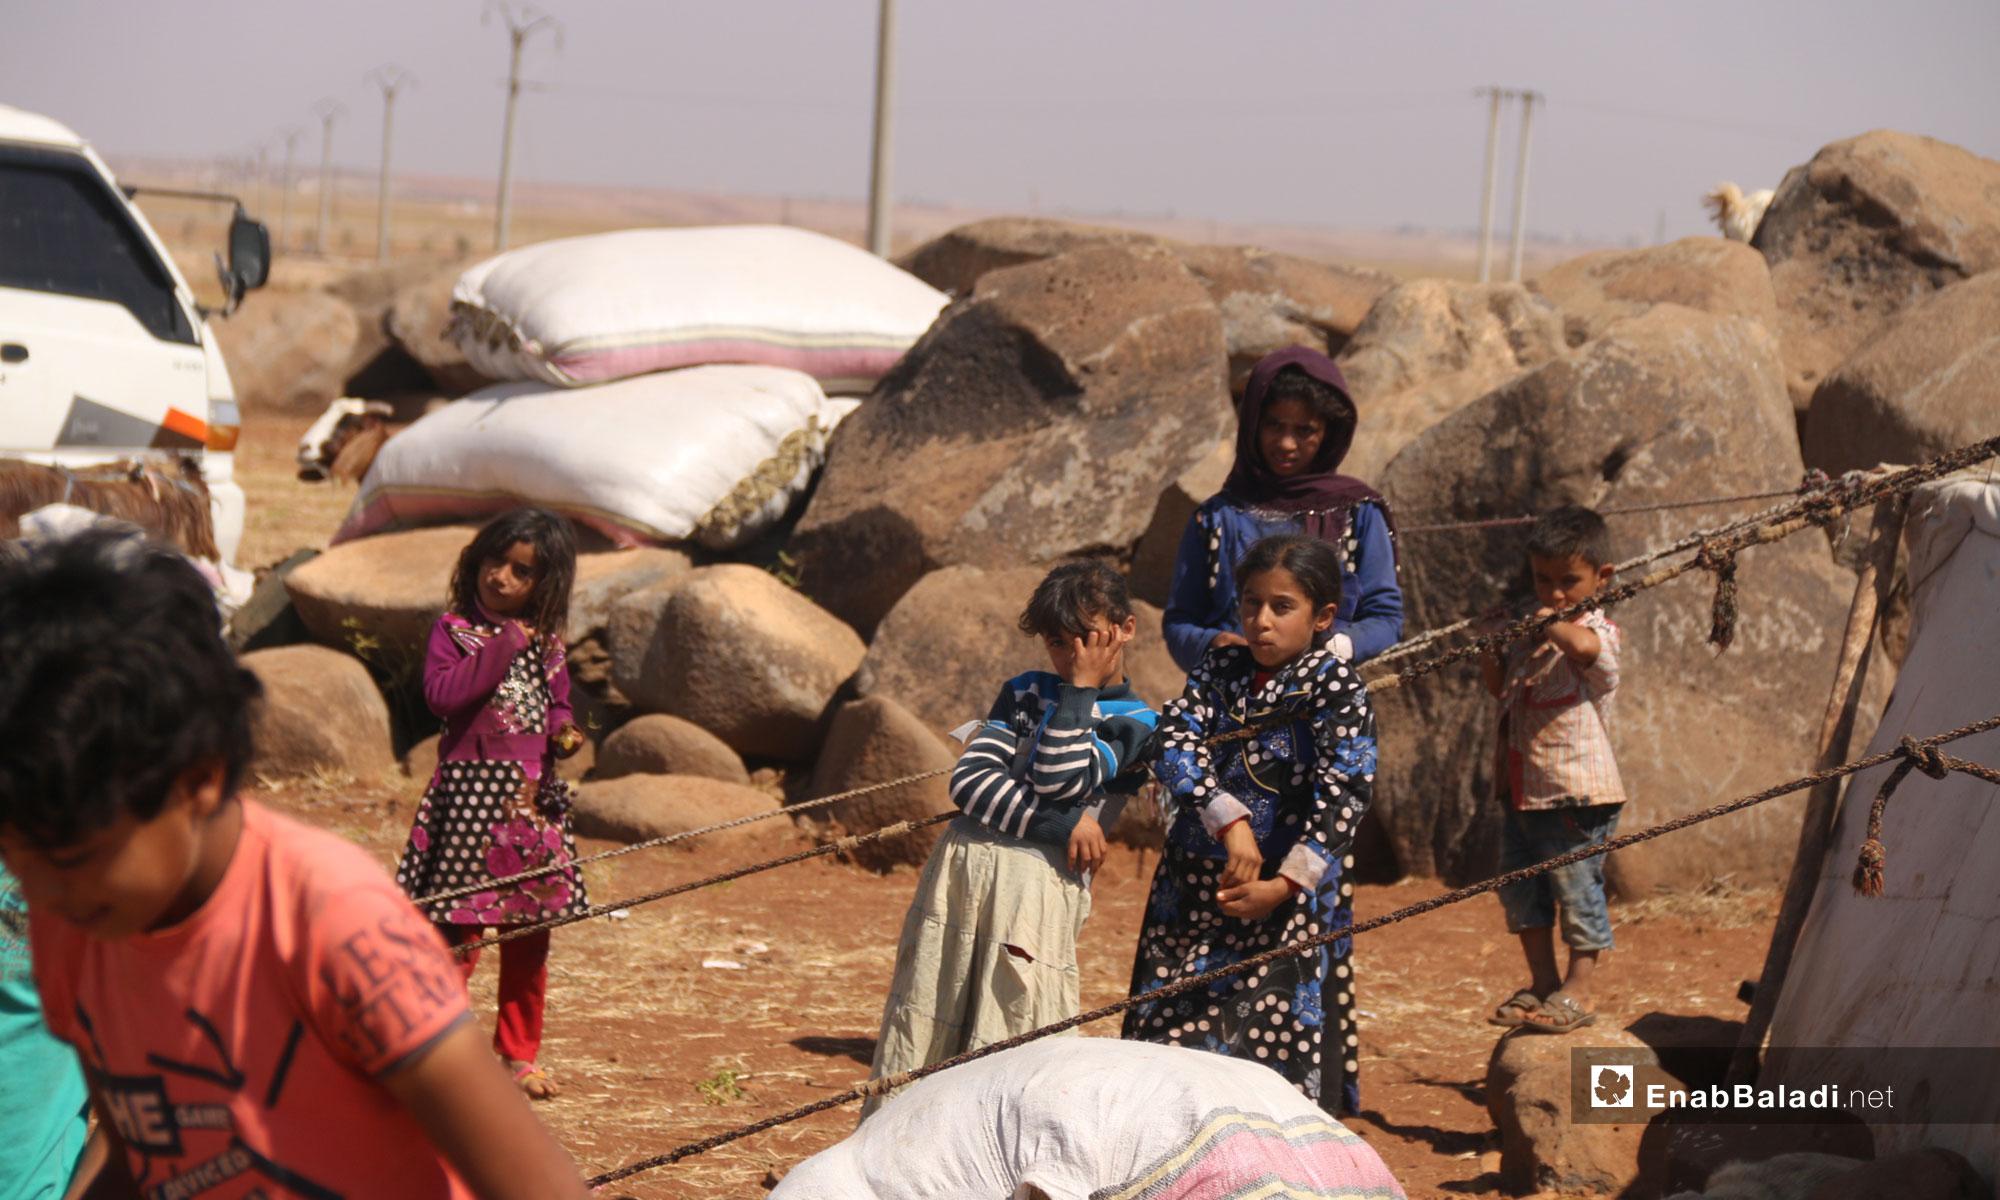 أطفال نزحوا من ريف إدلب نتيجة القصف إلى قرية الصرمان قرب النقطة التركية في إدلب - 12 من أيلول 2018 (عنب بلدي)